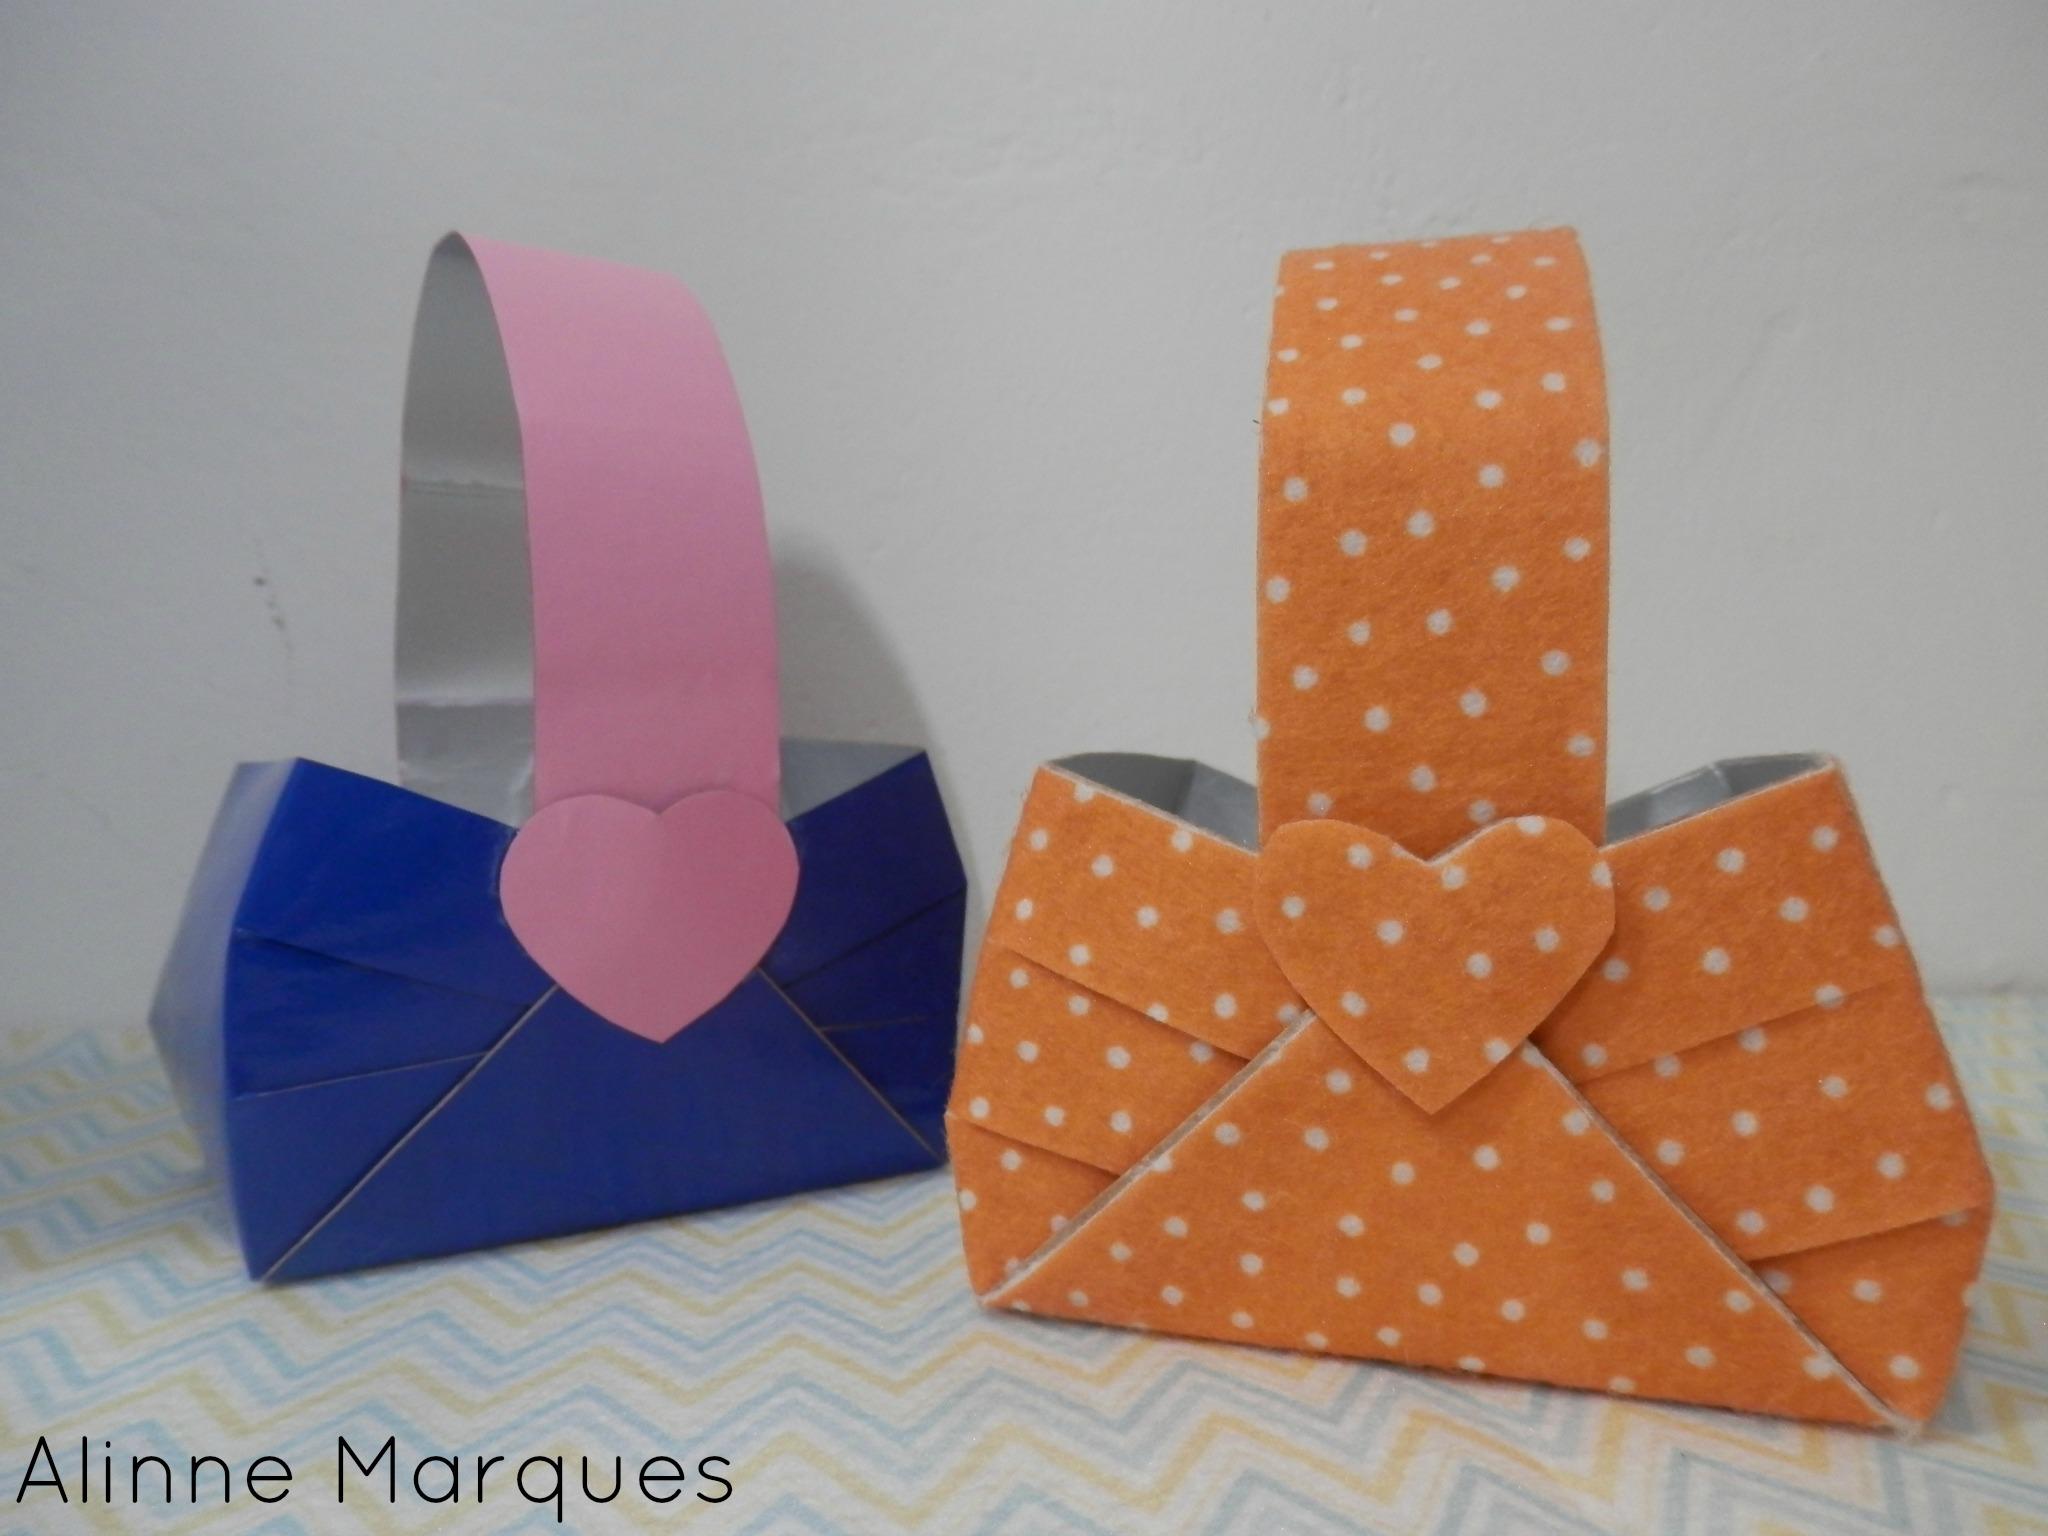 Cesta Com Caixa De Leite Artesanato Com Reciclagem Pap